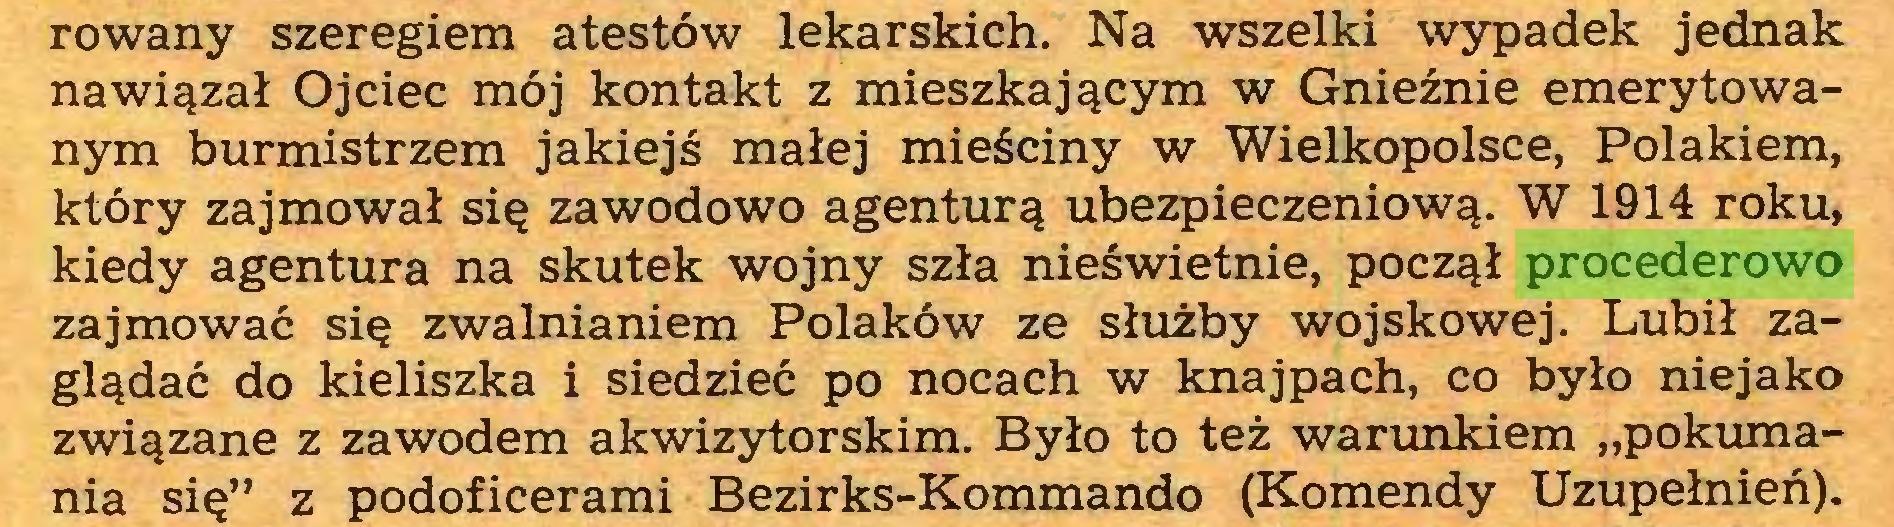 """(...) rowany szeregiem atestów lekarskich. Na wszelki wypadek jednak nawiązał Ojciec mój kontakt z mieszkającym w Gnieźnie emerytowanym burmistrzem jakiejś małej mieściny w Wielkopolsce, Polakiem, który zajmował się zawodowo agenturą ubezpieczeniową. W 1914 roku, kiedy agentura na skutek wojny szła nieświetnie, począł procederowo zajmować się zwalnianiem Polaków ze służby wojskowej. Lubił zaglądać do kieliszka i siedzieć po nocach w knajpach, co było niejako związane z zawodem akwizytorskim. Było to też warunkiem """"pokumania się"""" z podoficerami Bezirks-Kommando (Komendy Uzupełnień)..."""